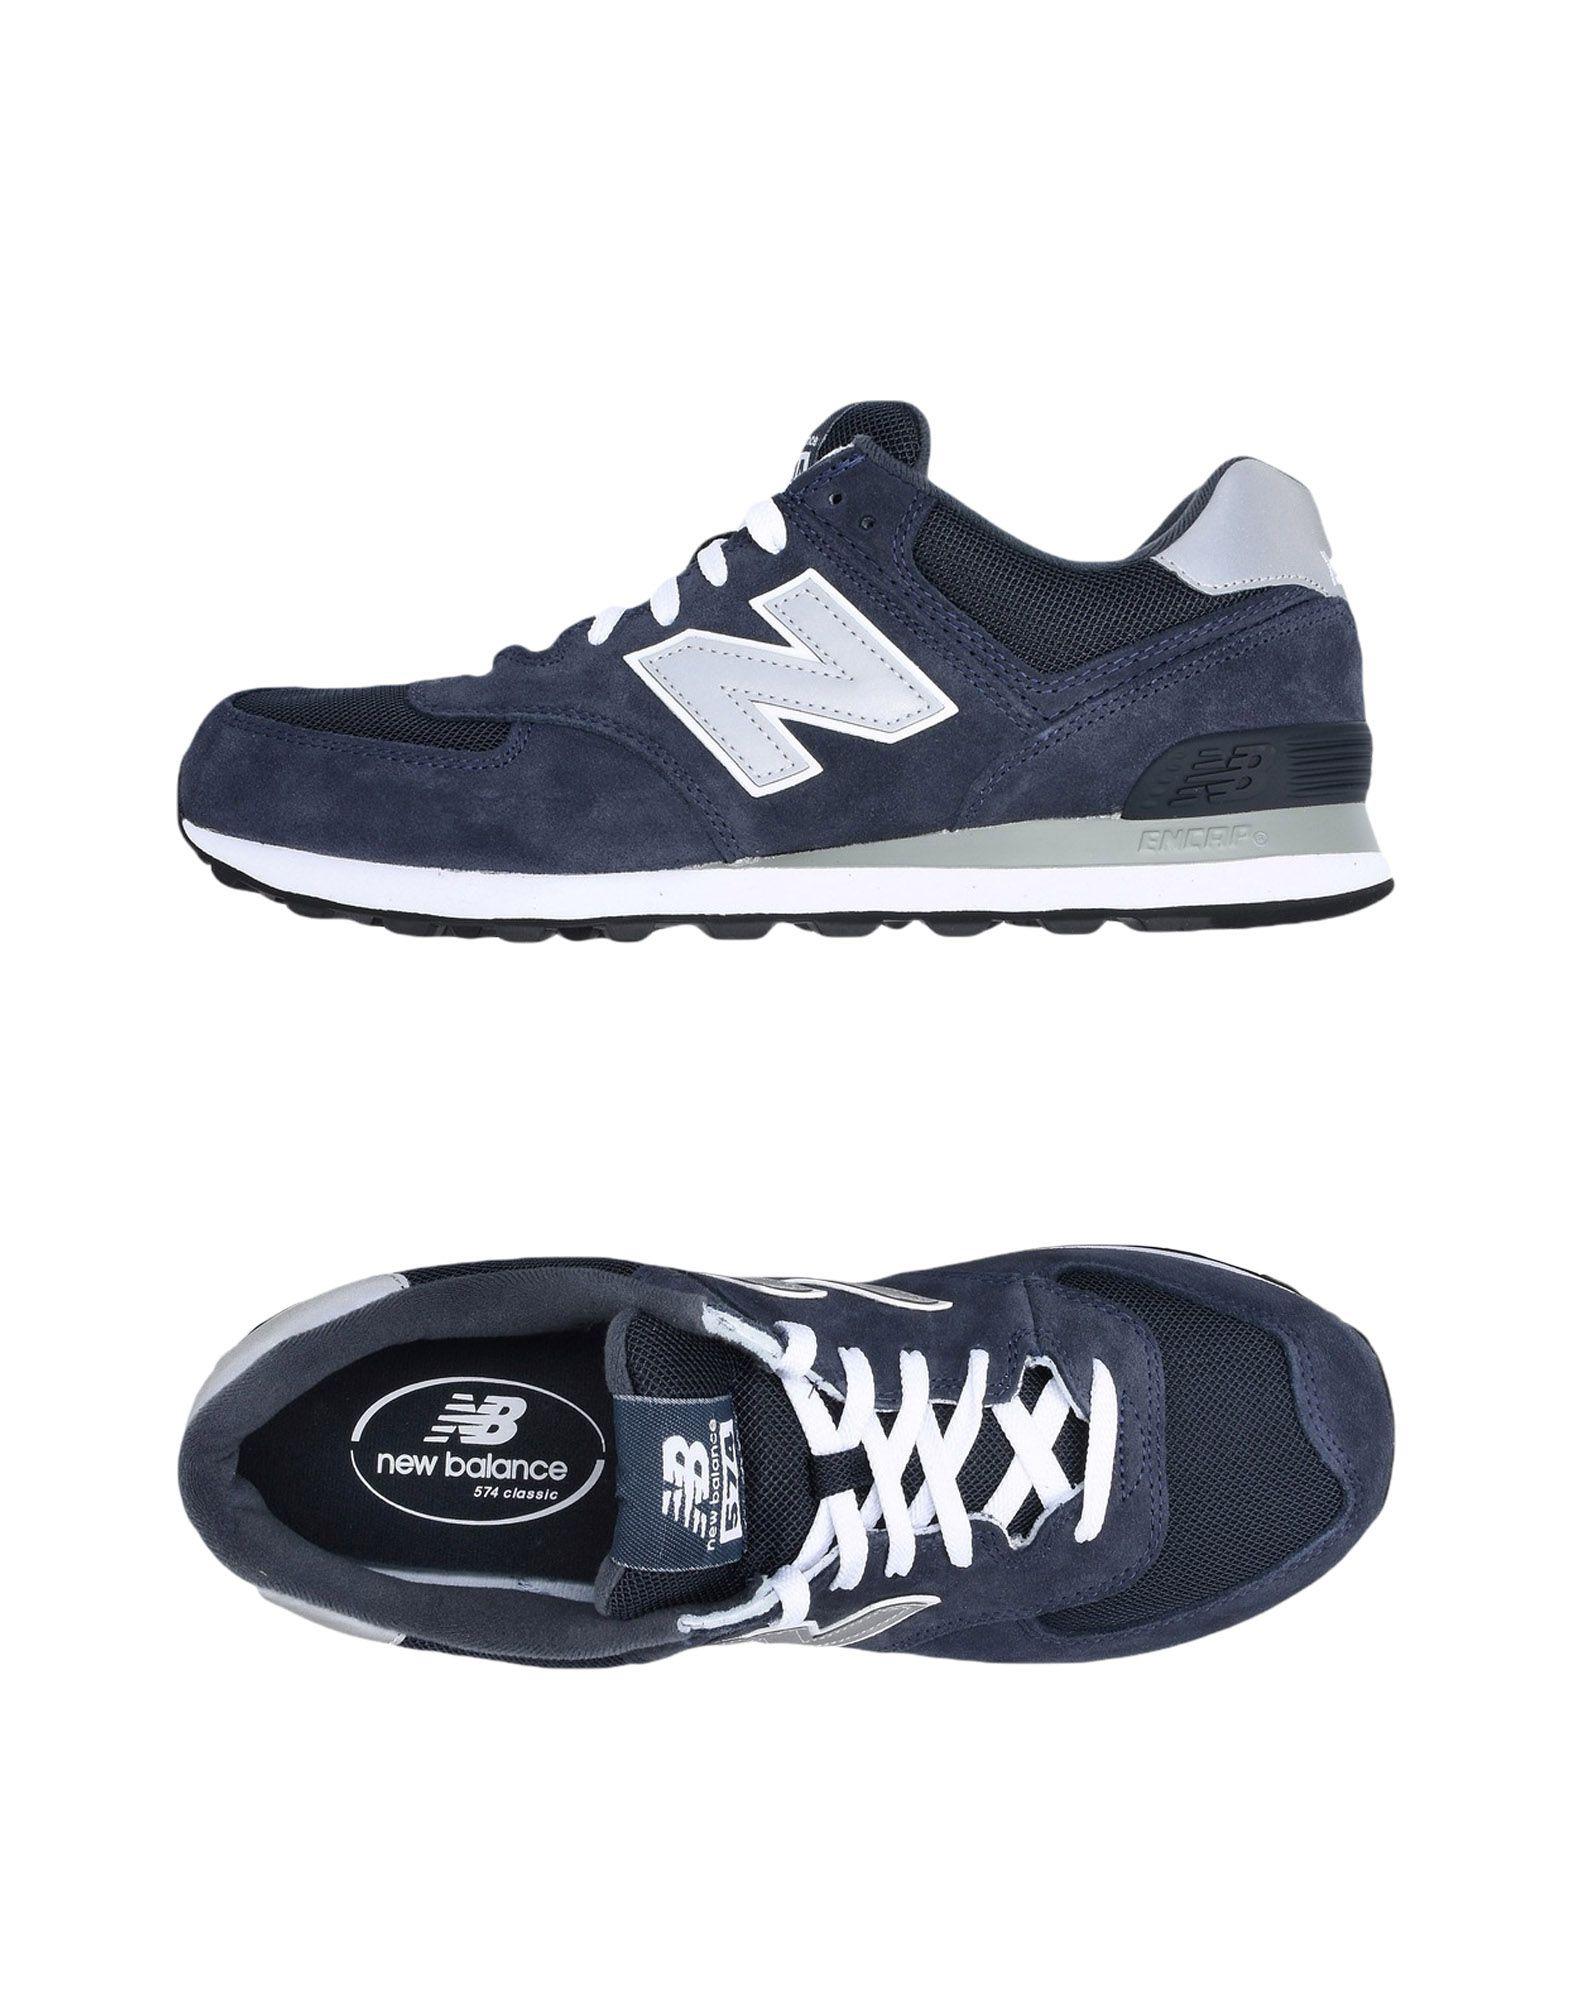 site réputé 90577 a49a5 New Balance 574 Core Carryover - Sneakers - Men New Balance ...